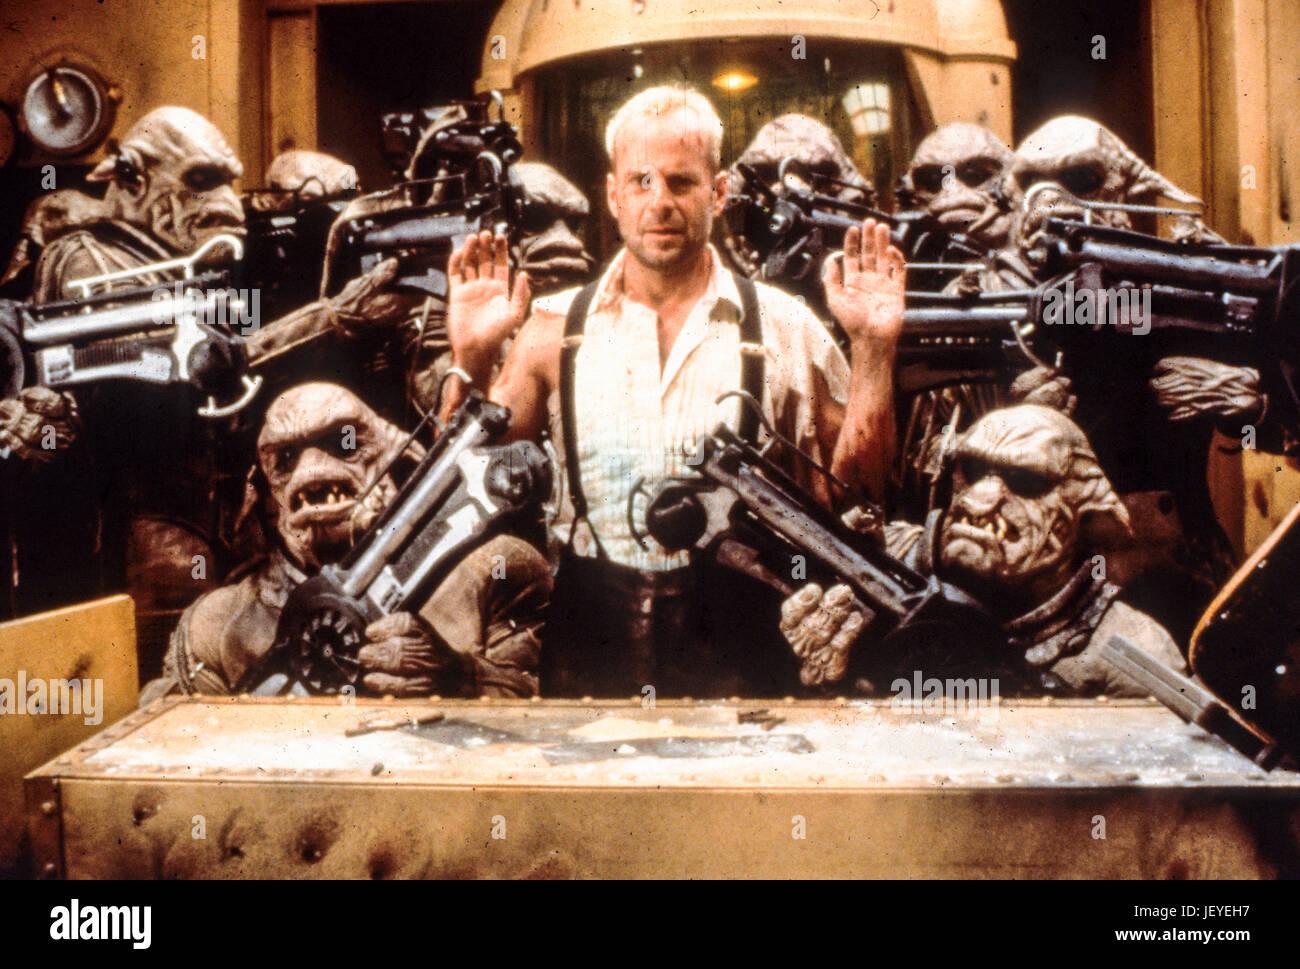 Il quinto elemento, 1997, Bruce Willis Immagini Stock